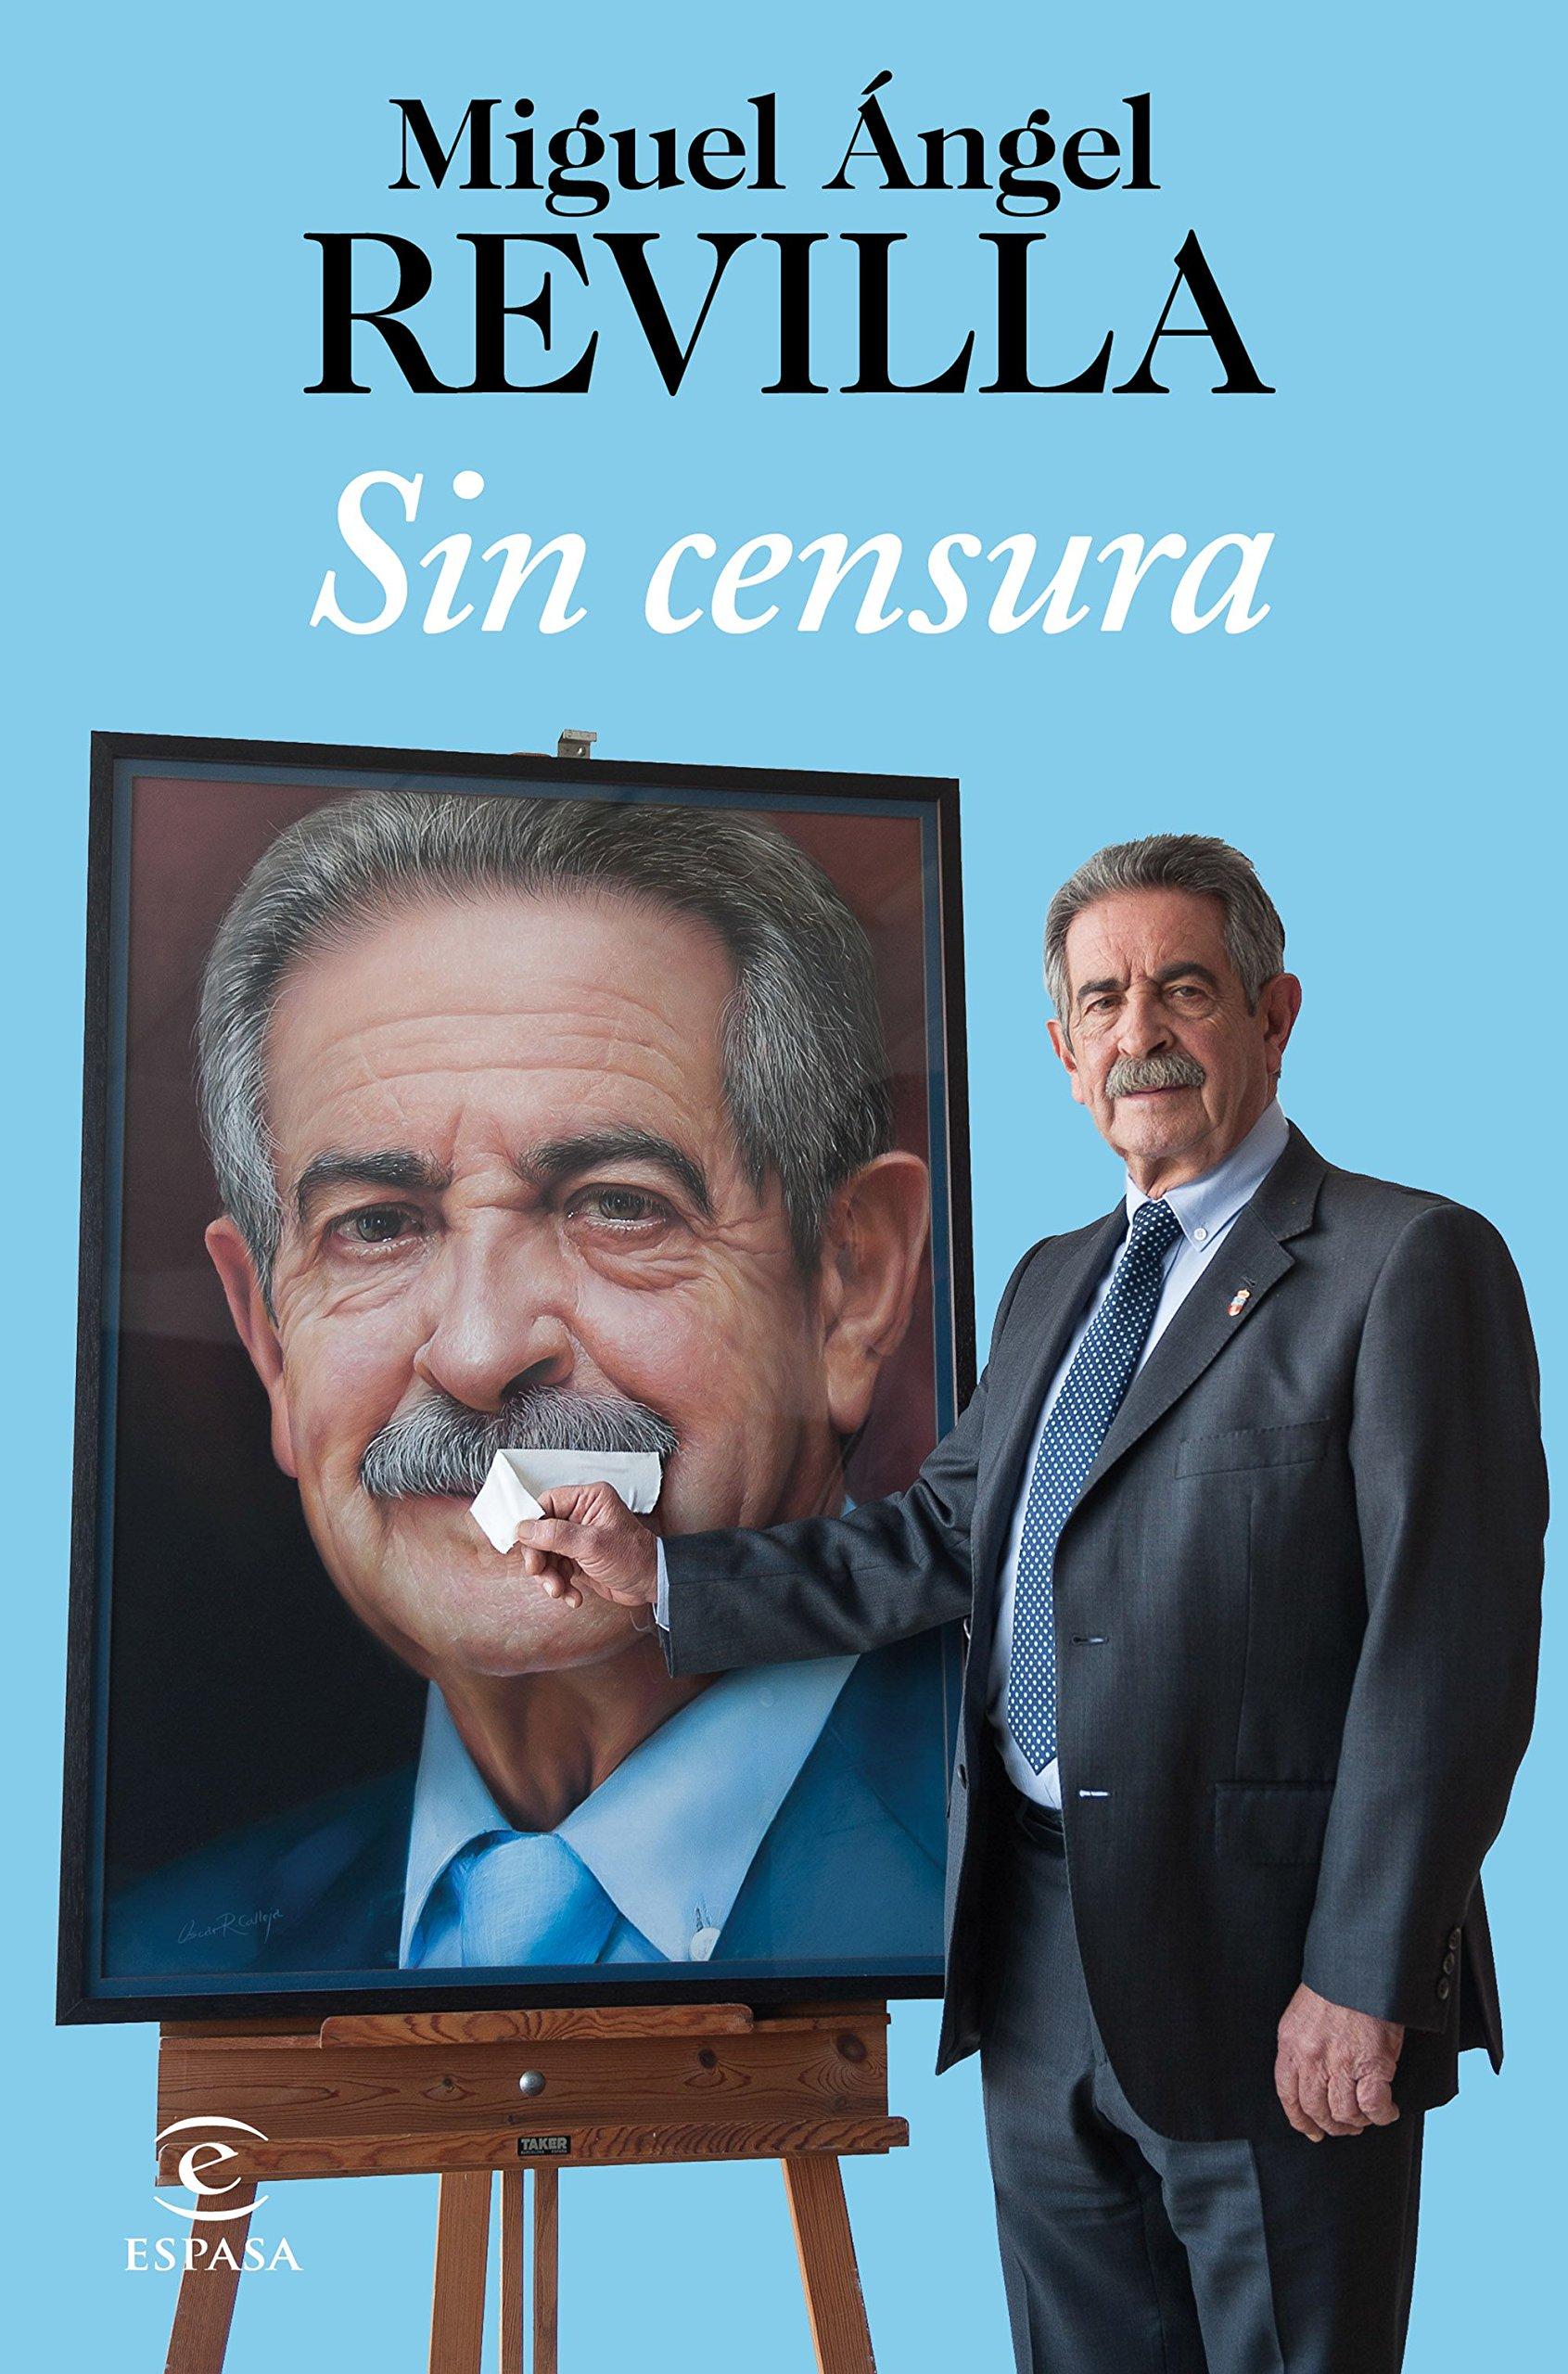 Sin censura (Fuera de colección) Tapa blanda – 5 abr 2018 Miguel Ángel Revilla Espasa 8467052082 PHILOSOPHY / Political